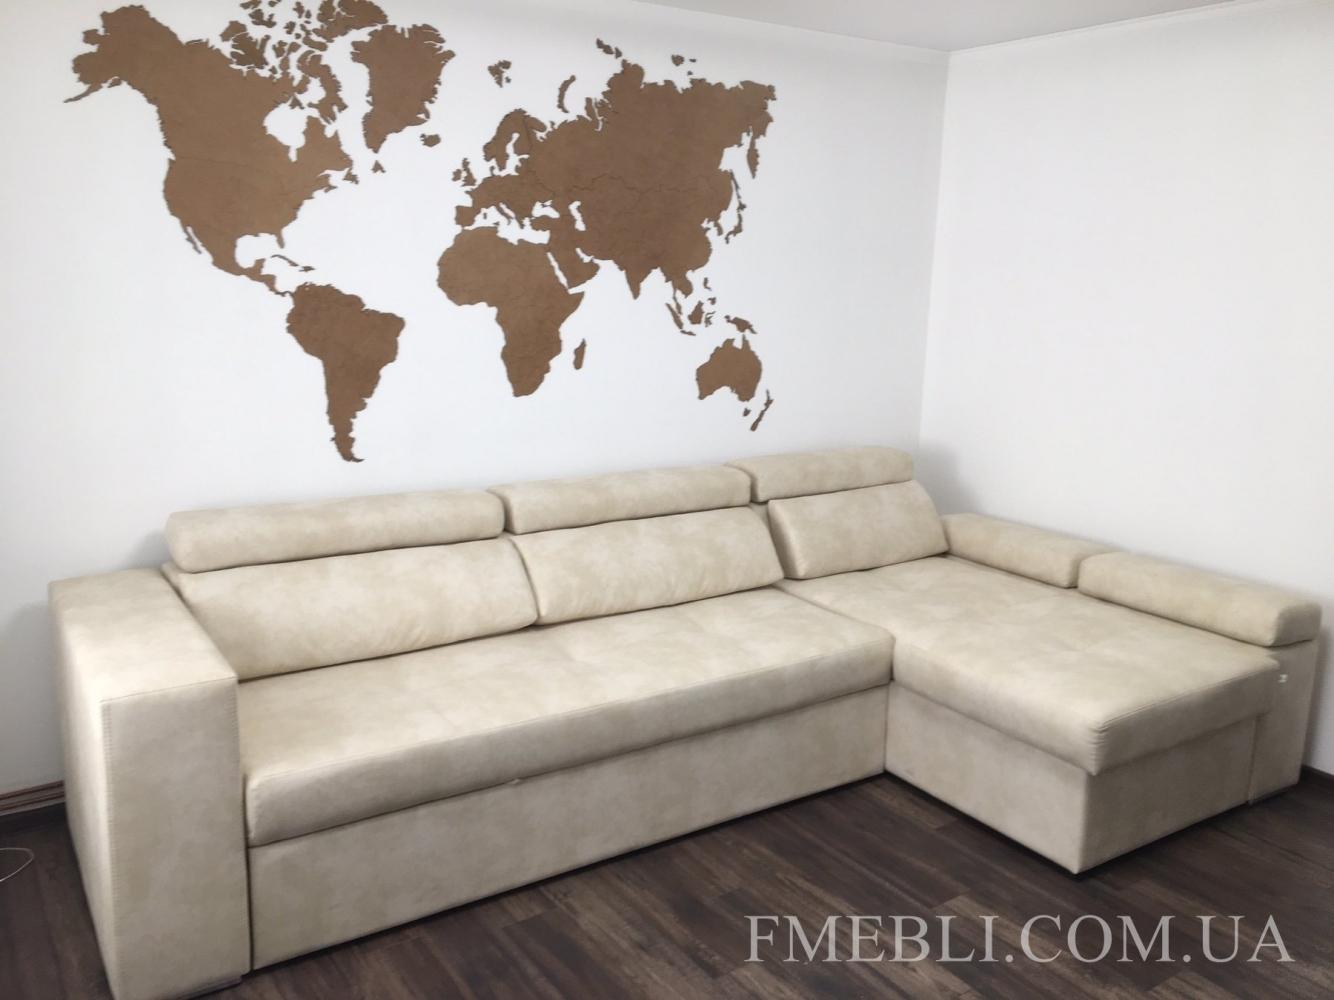 Кутовий диван Мона + Відеоогляд 11